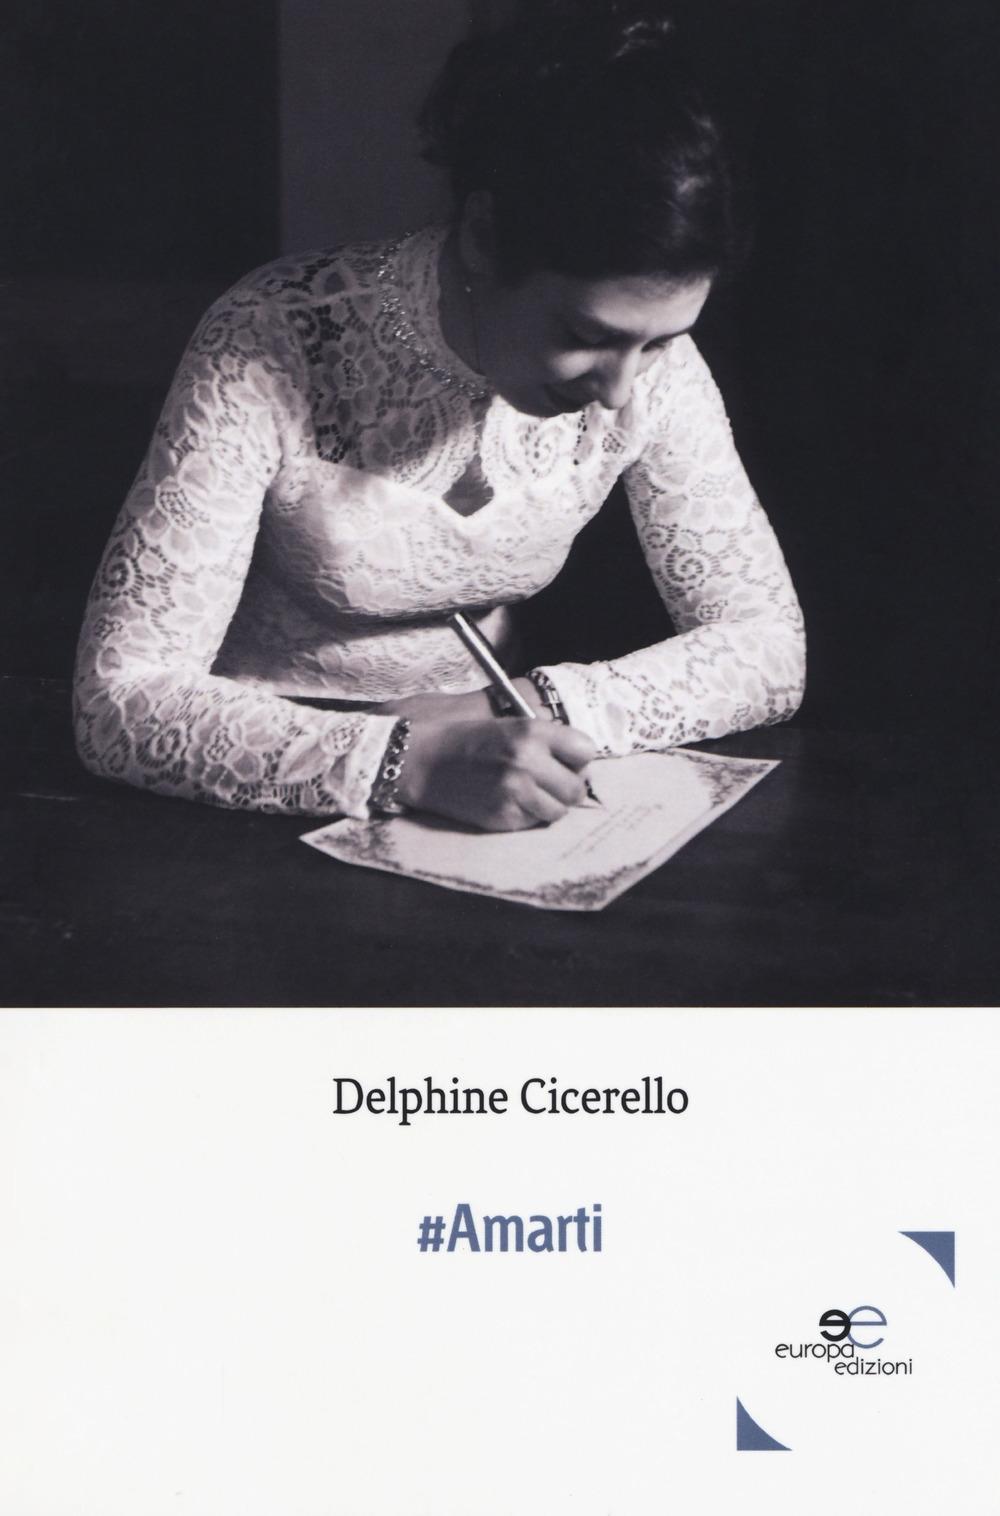 #Amarti